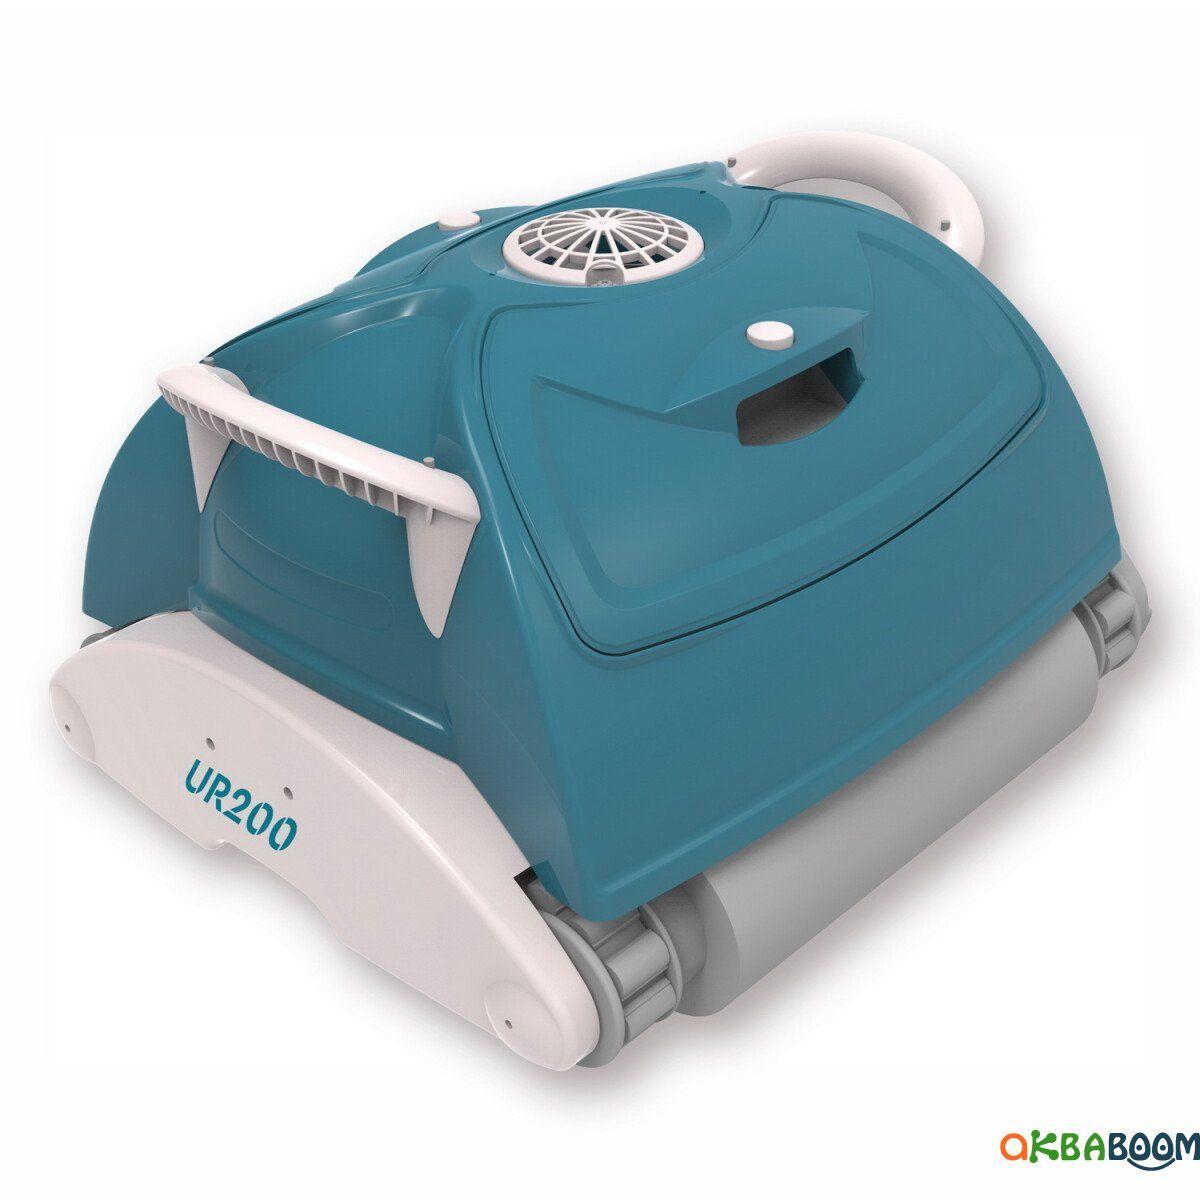 Пылесос Aquabot UR400, Робот-пылесос, Очистка дна/стен/ватерлинии, 60 - 80, Израиль